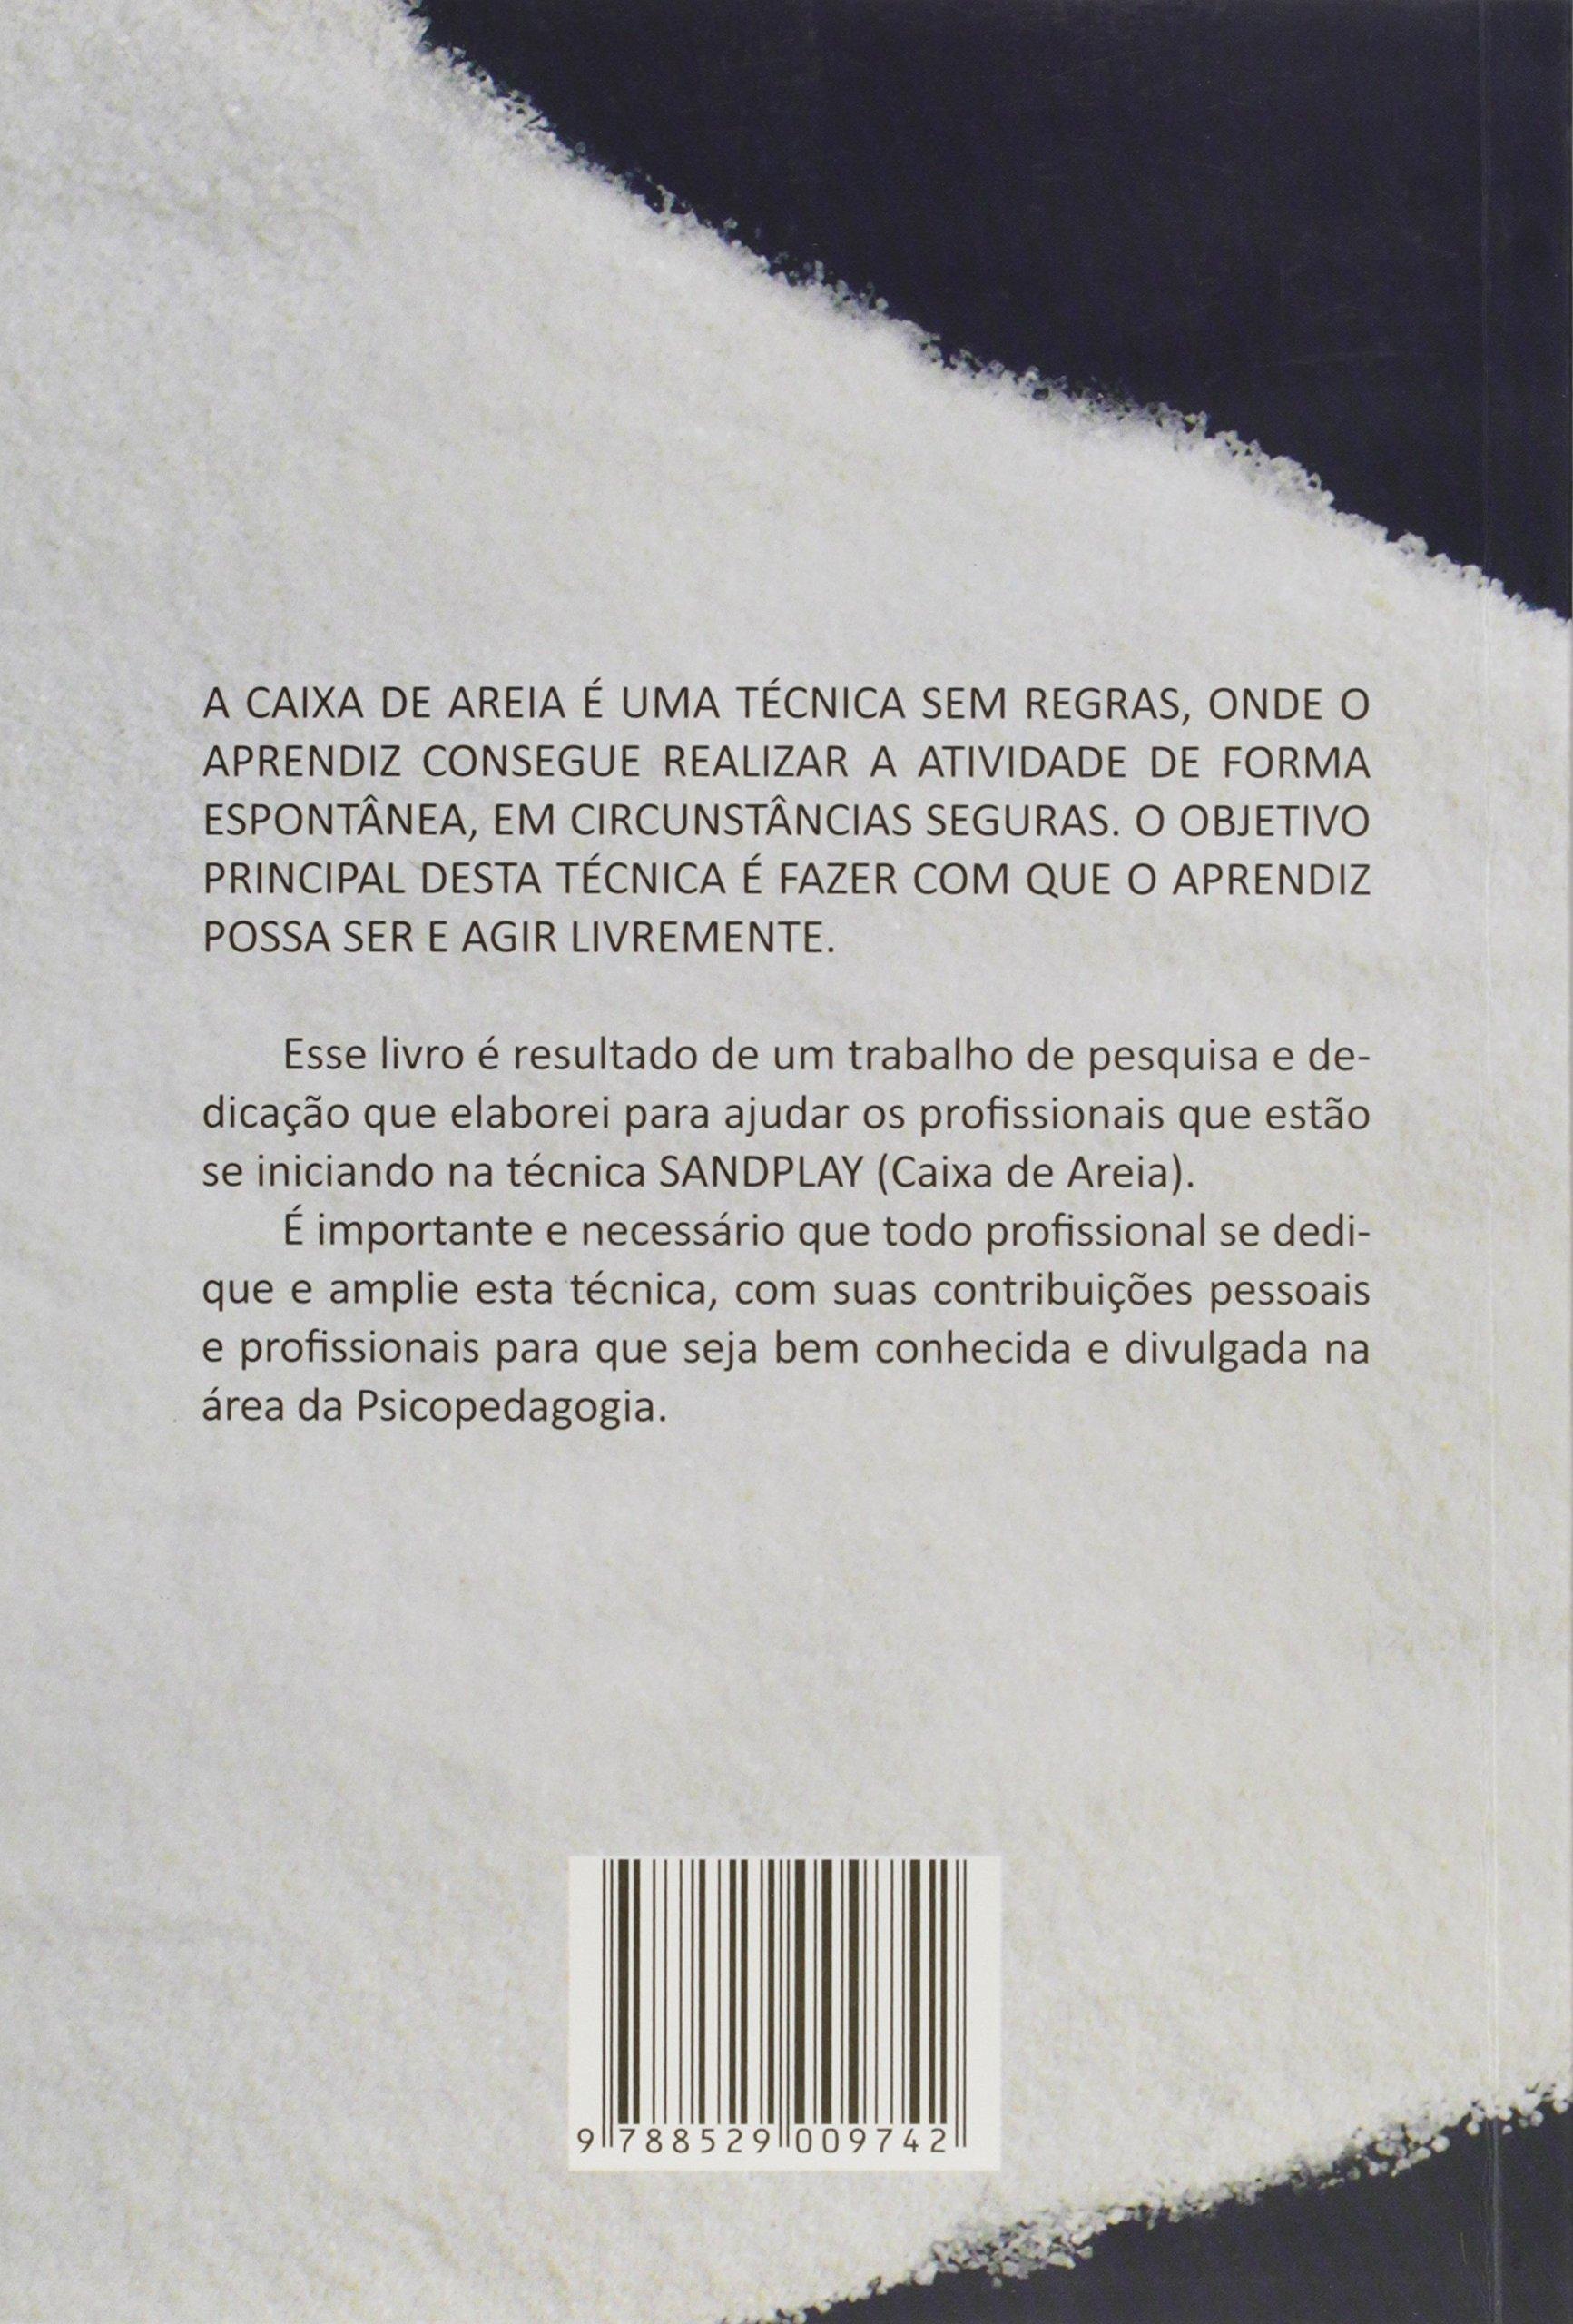 023c2ac3f77 Manual Psicopedagógico de Sandplay